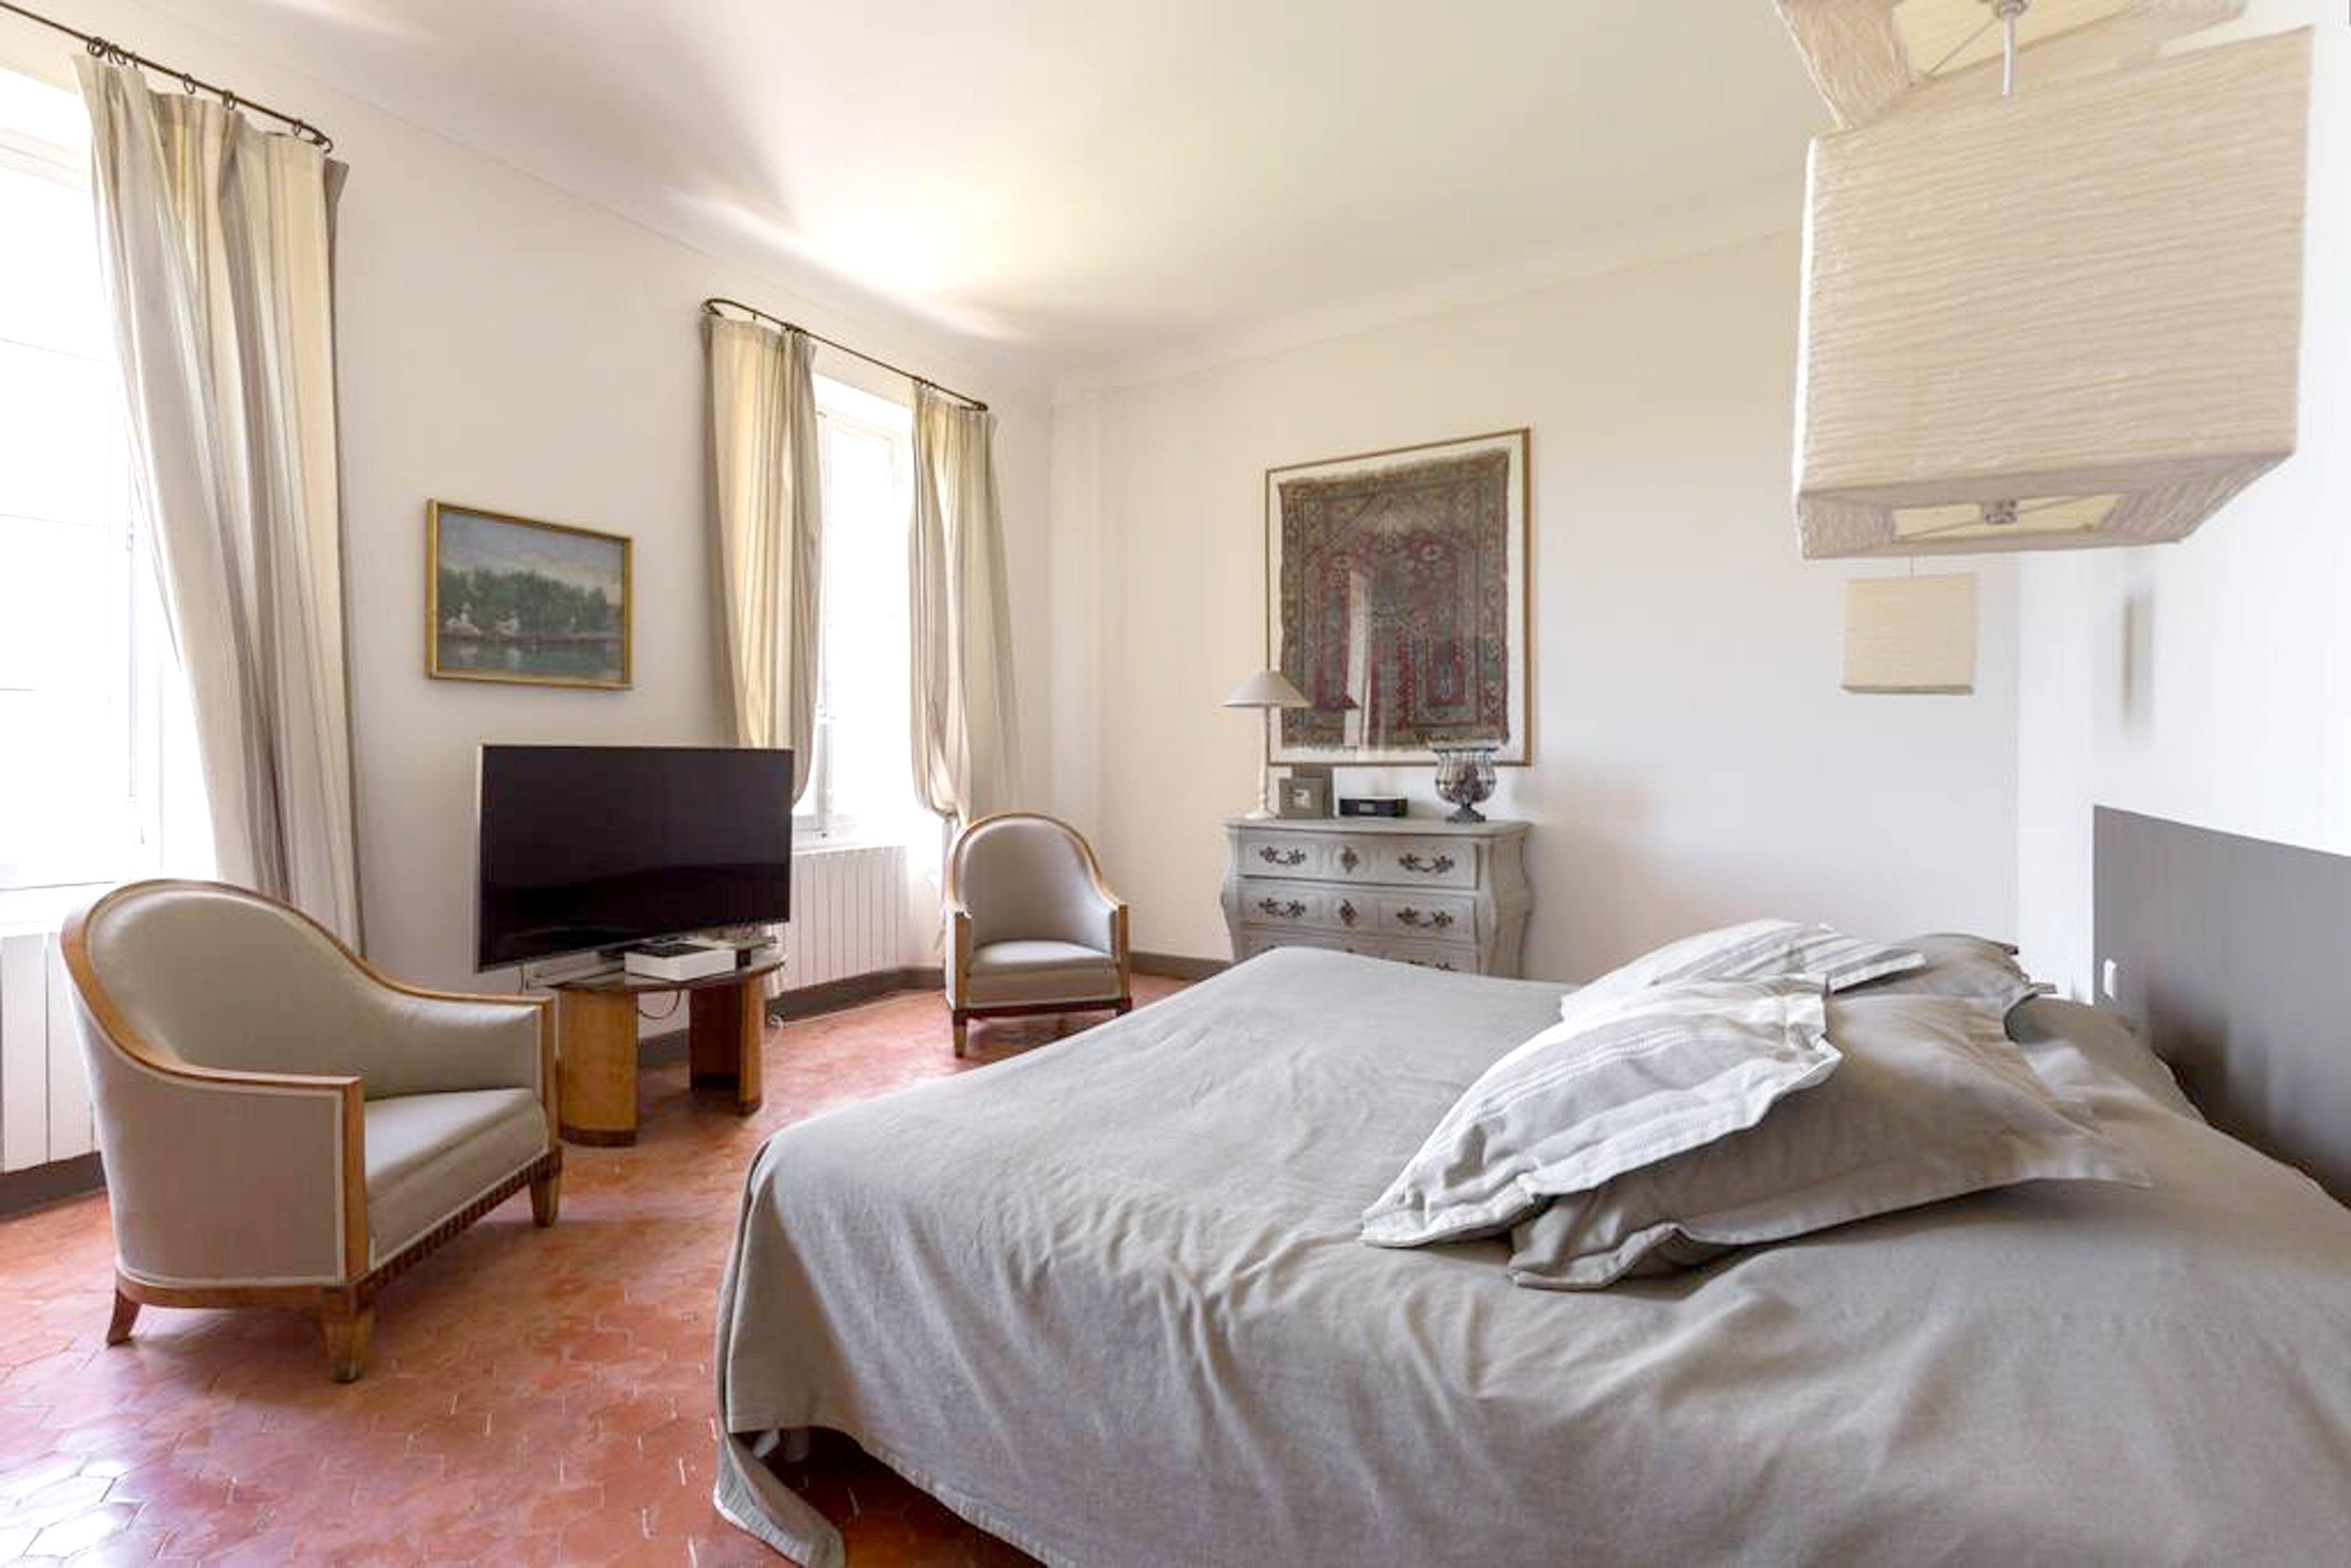 Maison de vacances Villa mit 6 Schlafzimmern in L'Isle-sur-la-Sorgue mit privatem Pool, möbliertem Garten und (2647203), L'Isle sur la Sorgue, Vaucluse, Provence - Alpes - Côte d'Azur, France, image 34